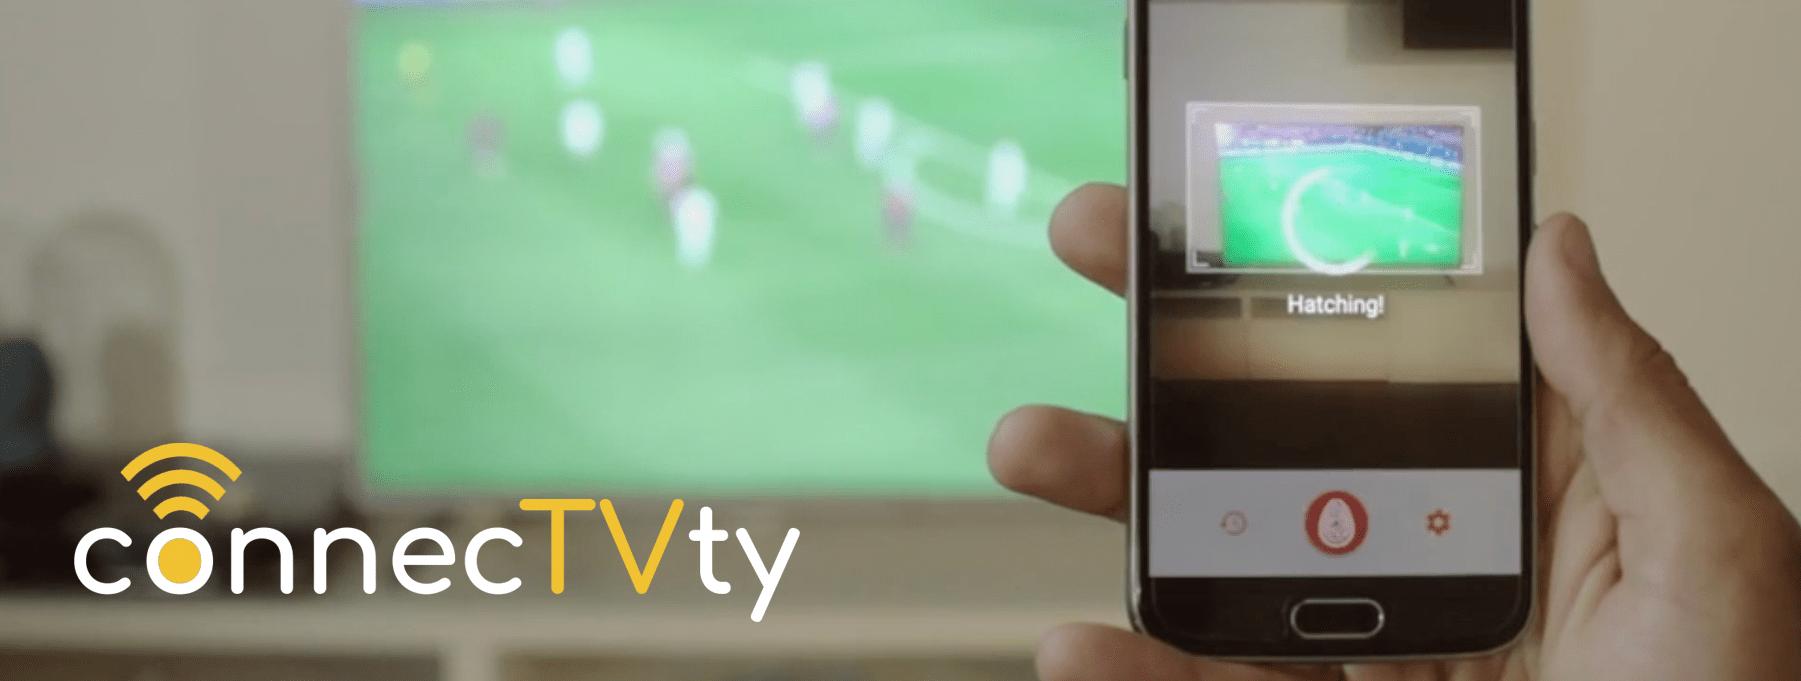 ConnecTVty - Reconocimiento de televisión con Biwenger APP